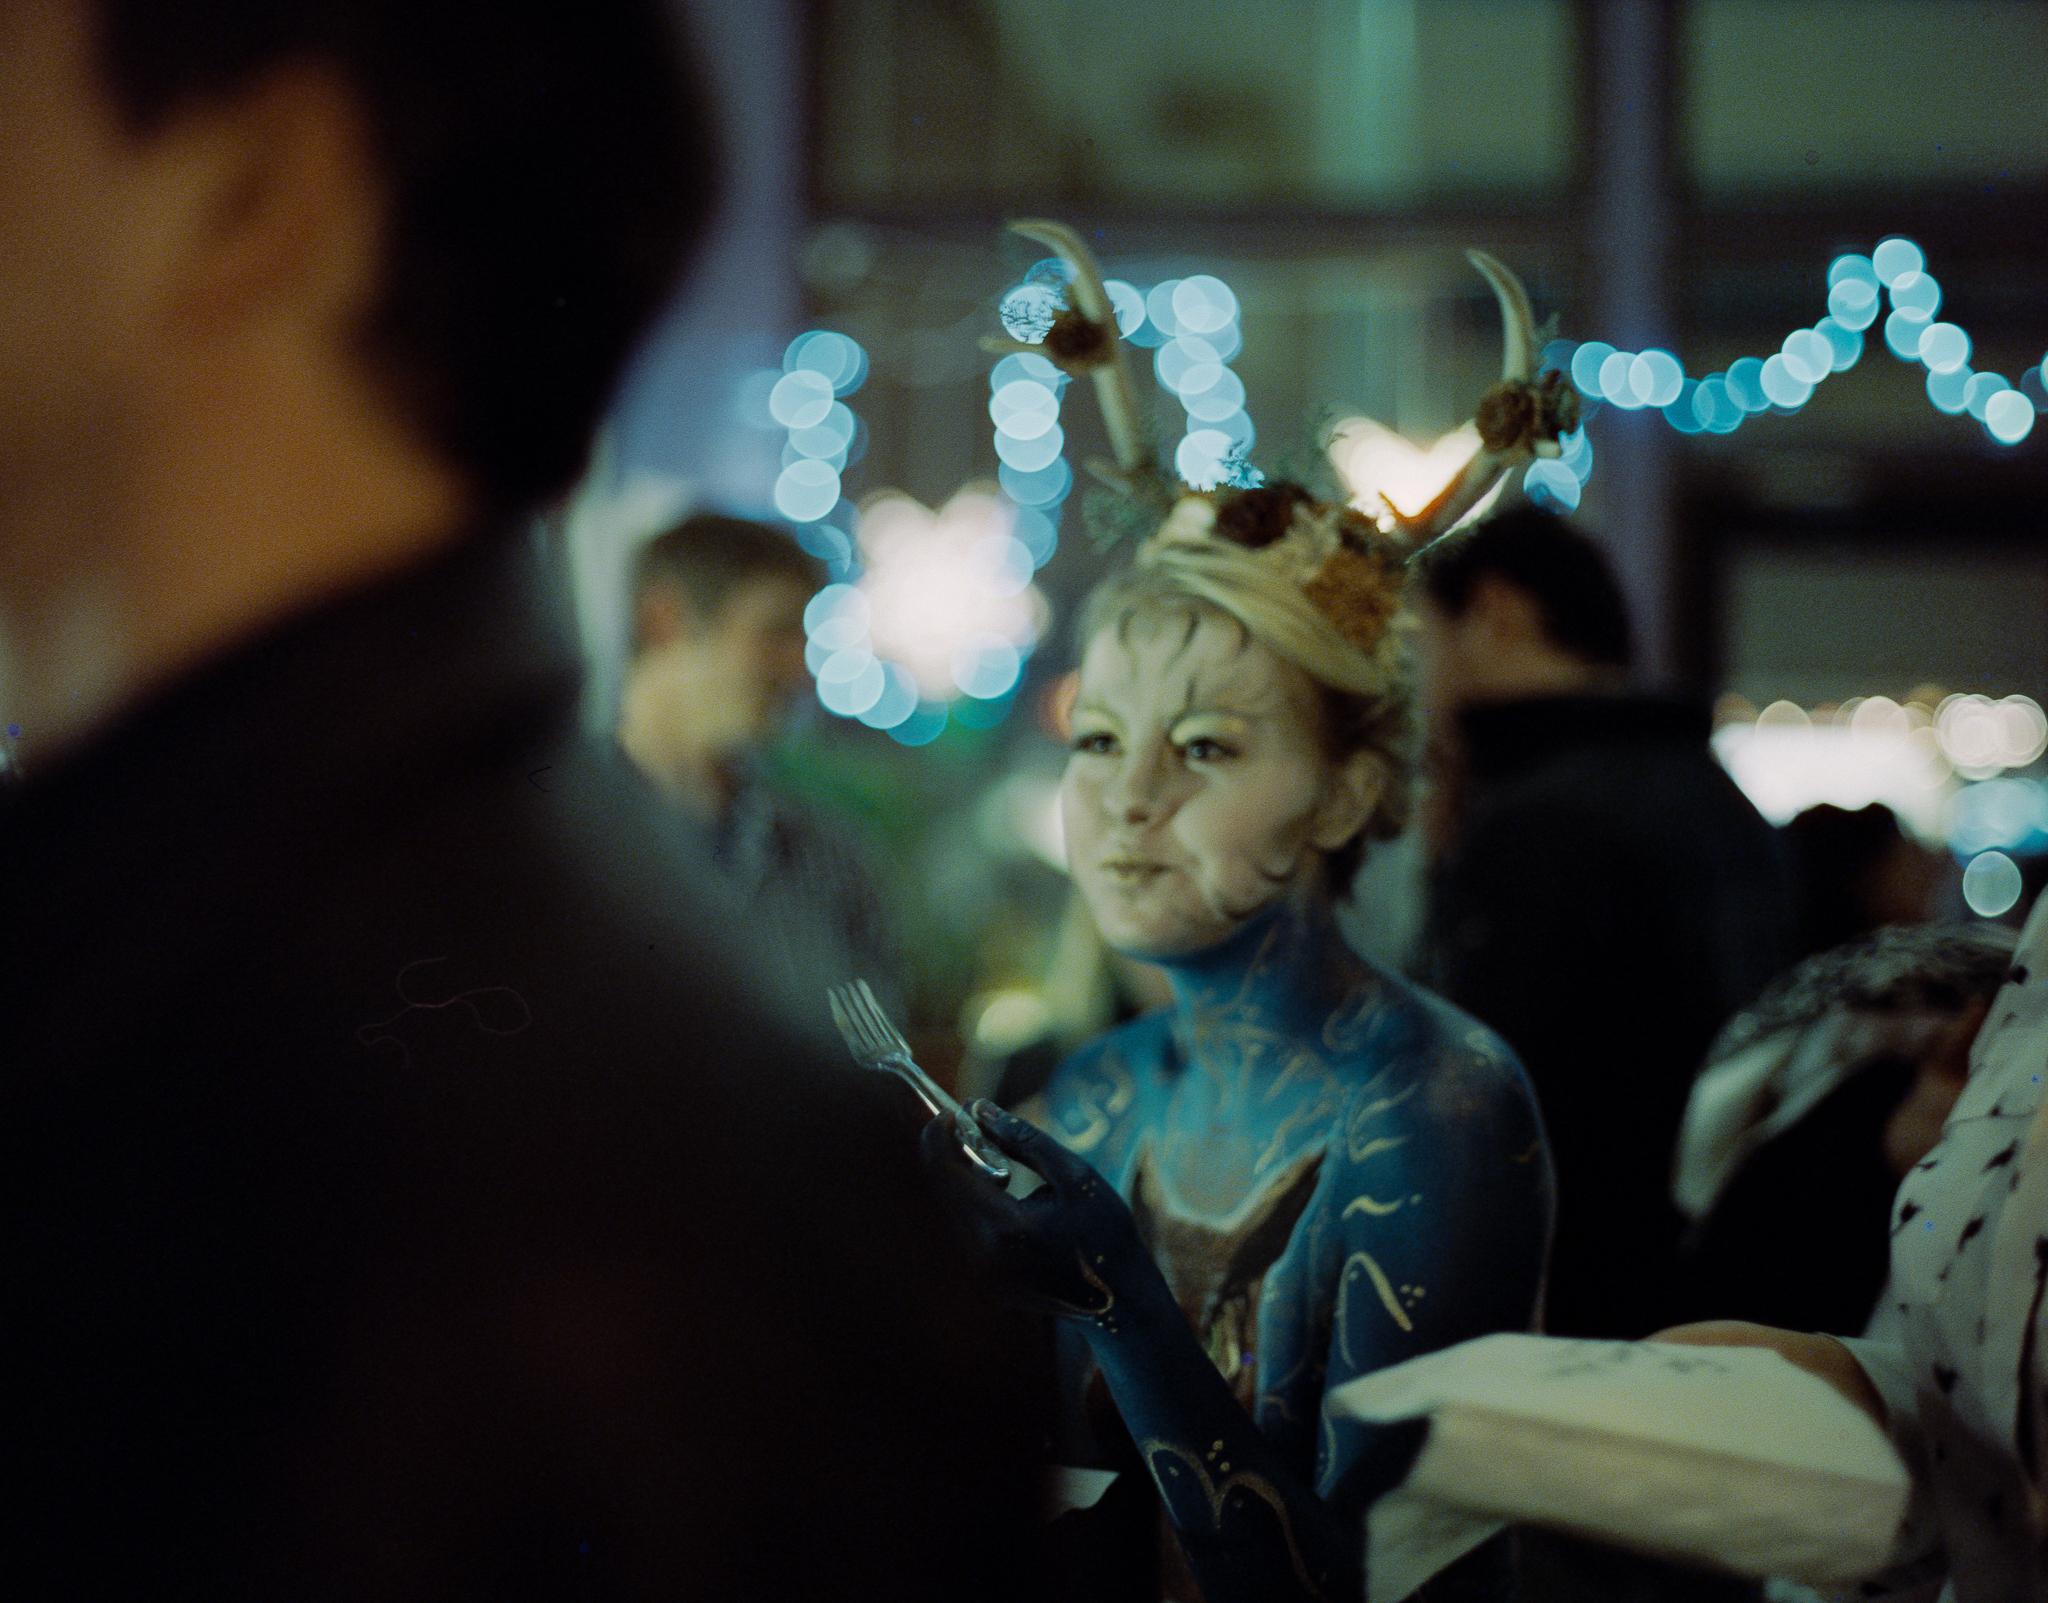 Ruby Falls | Blue Hour | Mamiya 645Pro TL | Cinestill 800T